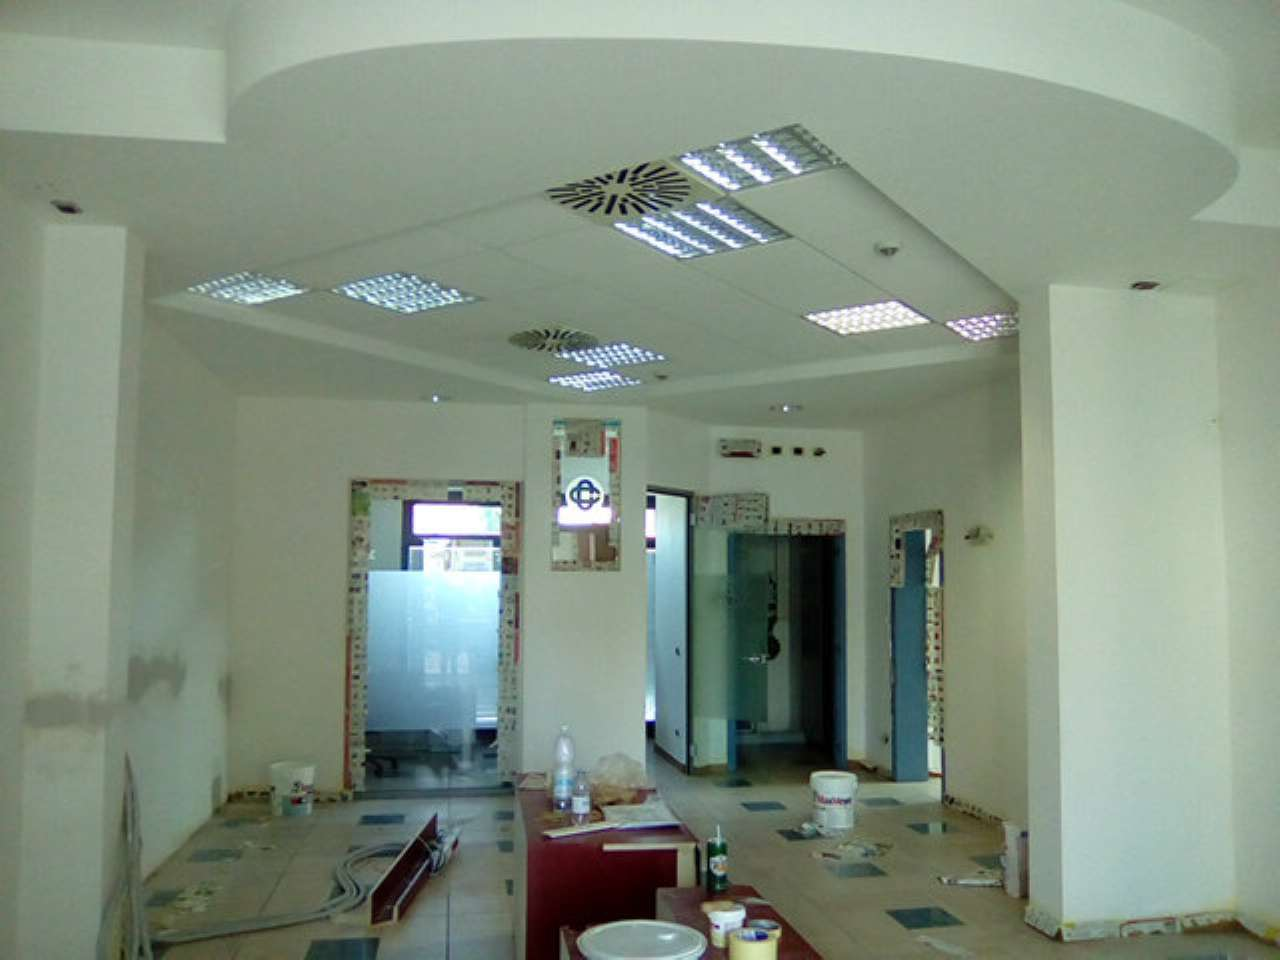 Locale commerciale di 120 mq con 6 vetrine al centro Rif. 6259610